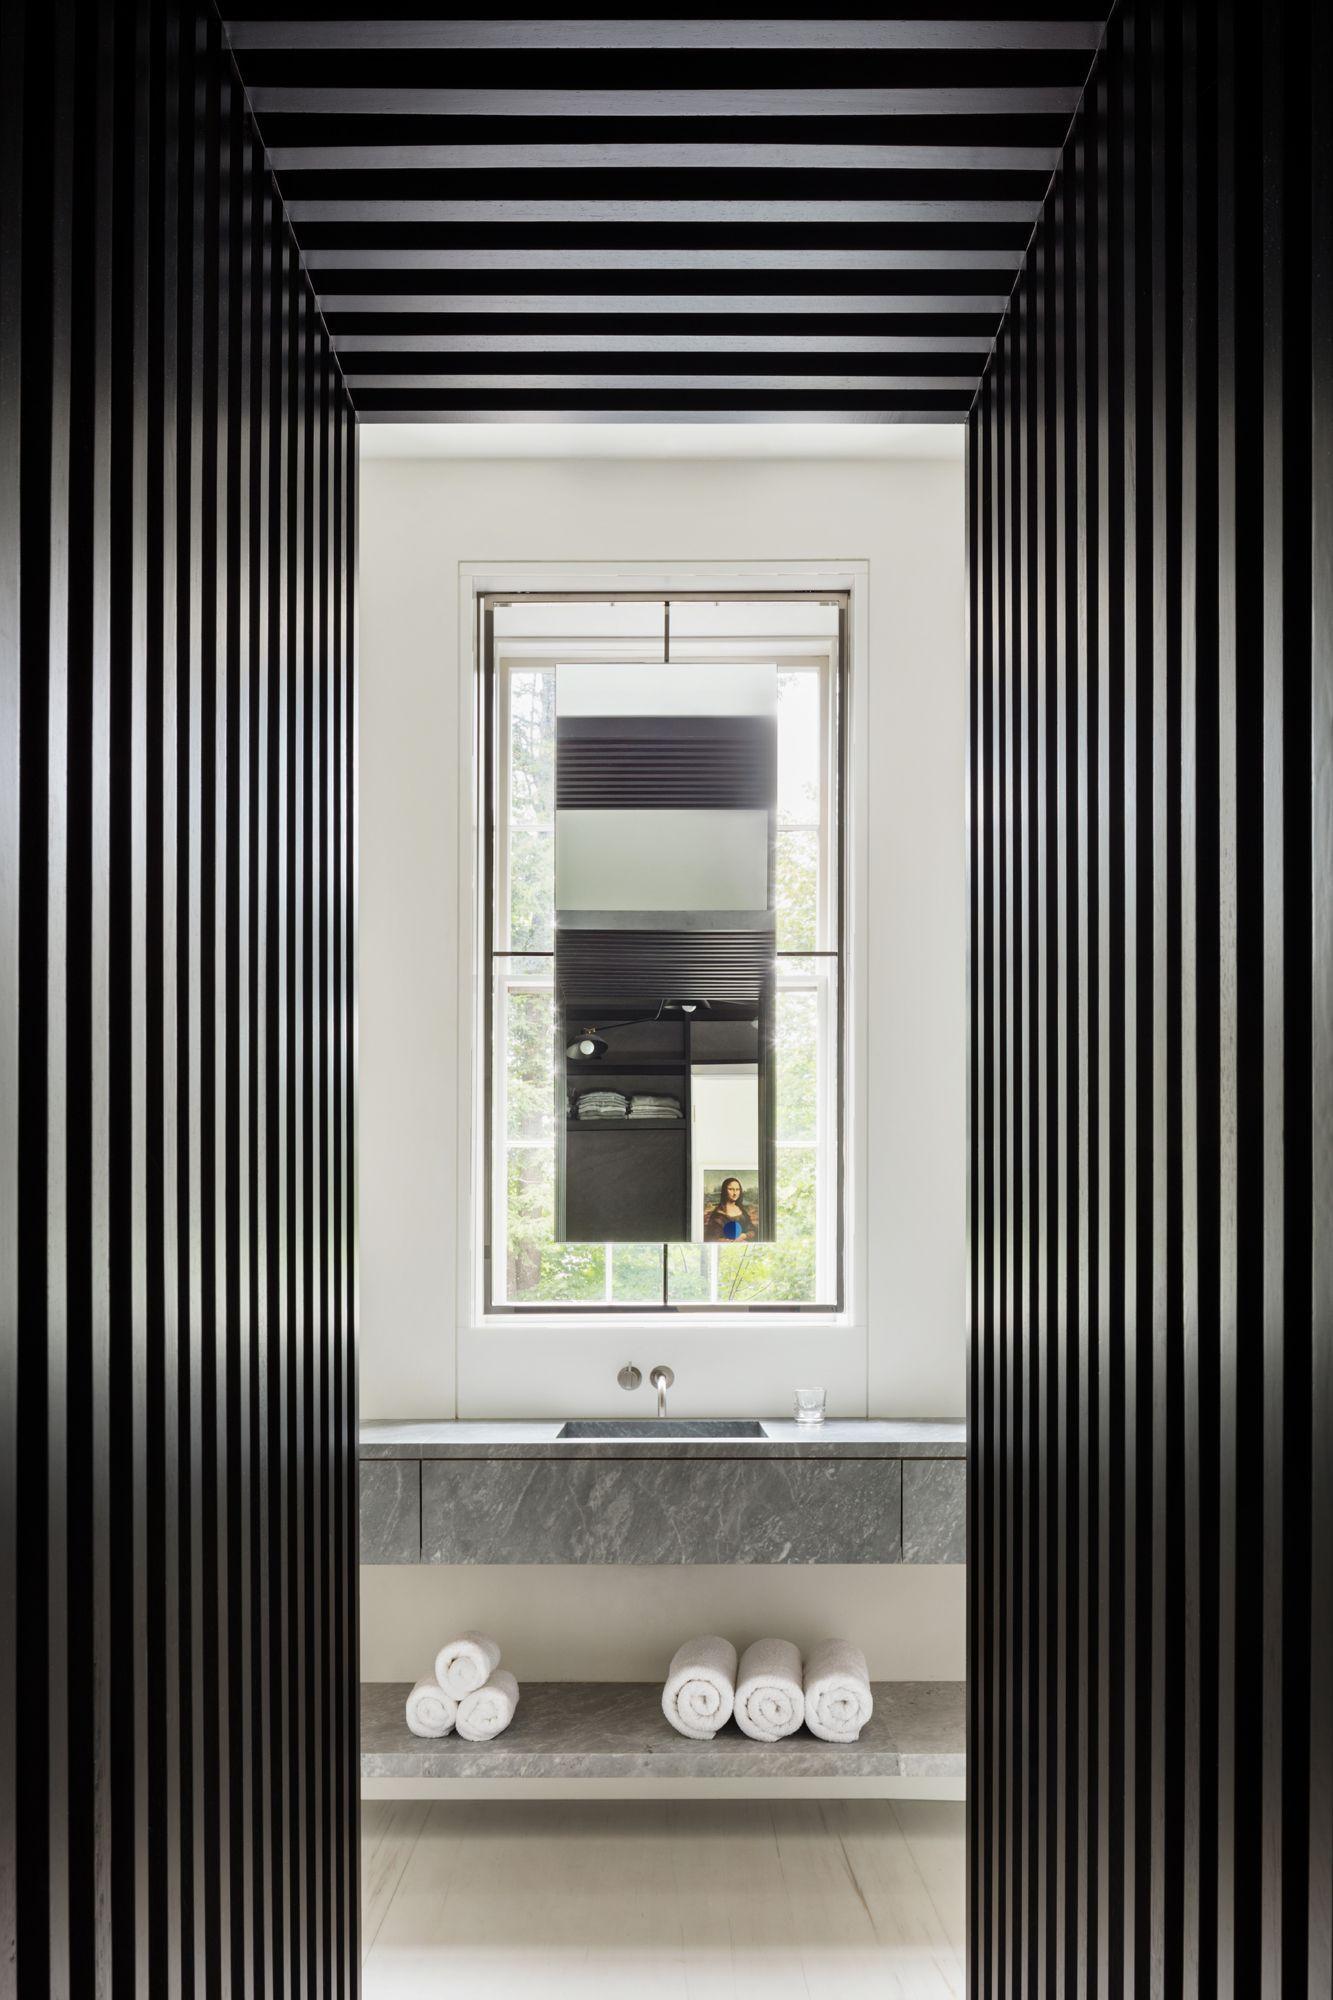 Badezimmer mit 2 waschtischen  easy u creative bathroom mirror ideas to reflect your style wc